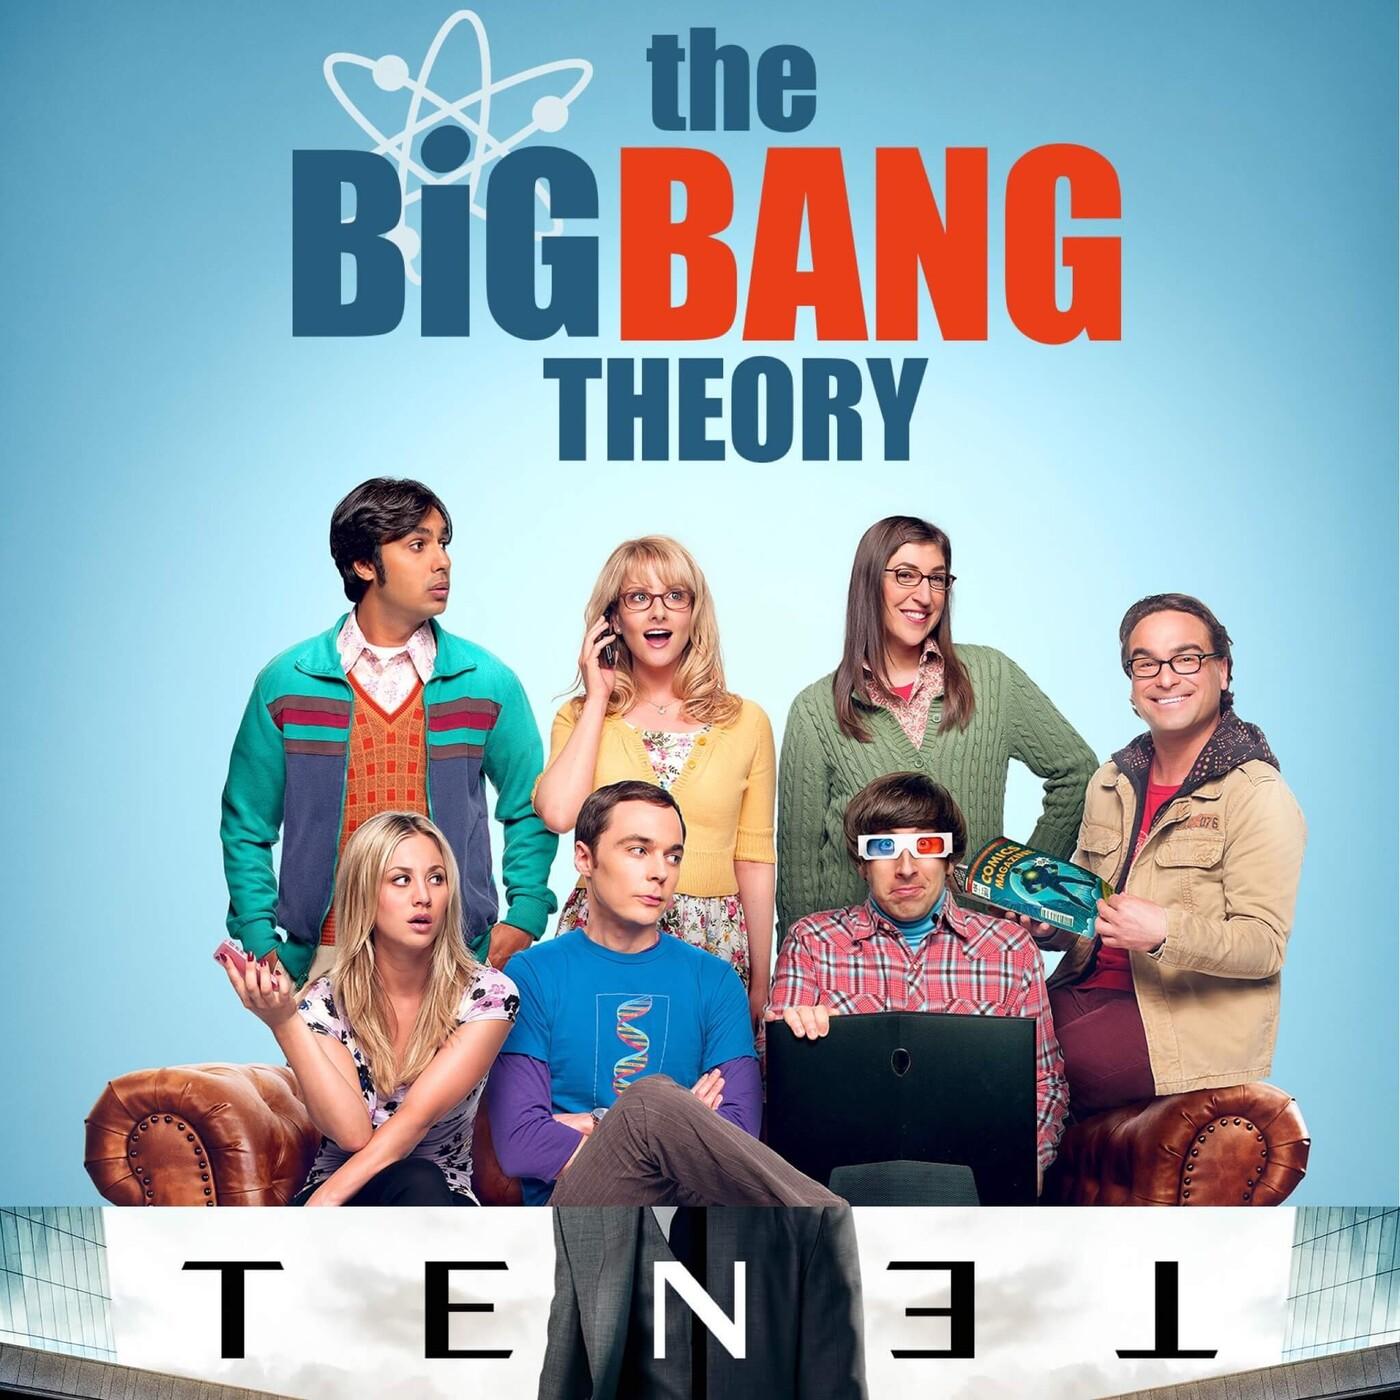 Ningú no és perfecte 20x02 - The Big Bang Theory i Tenet